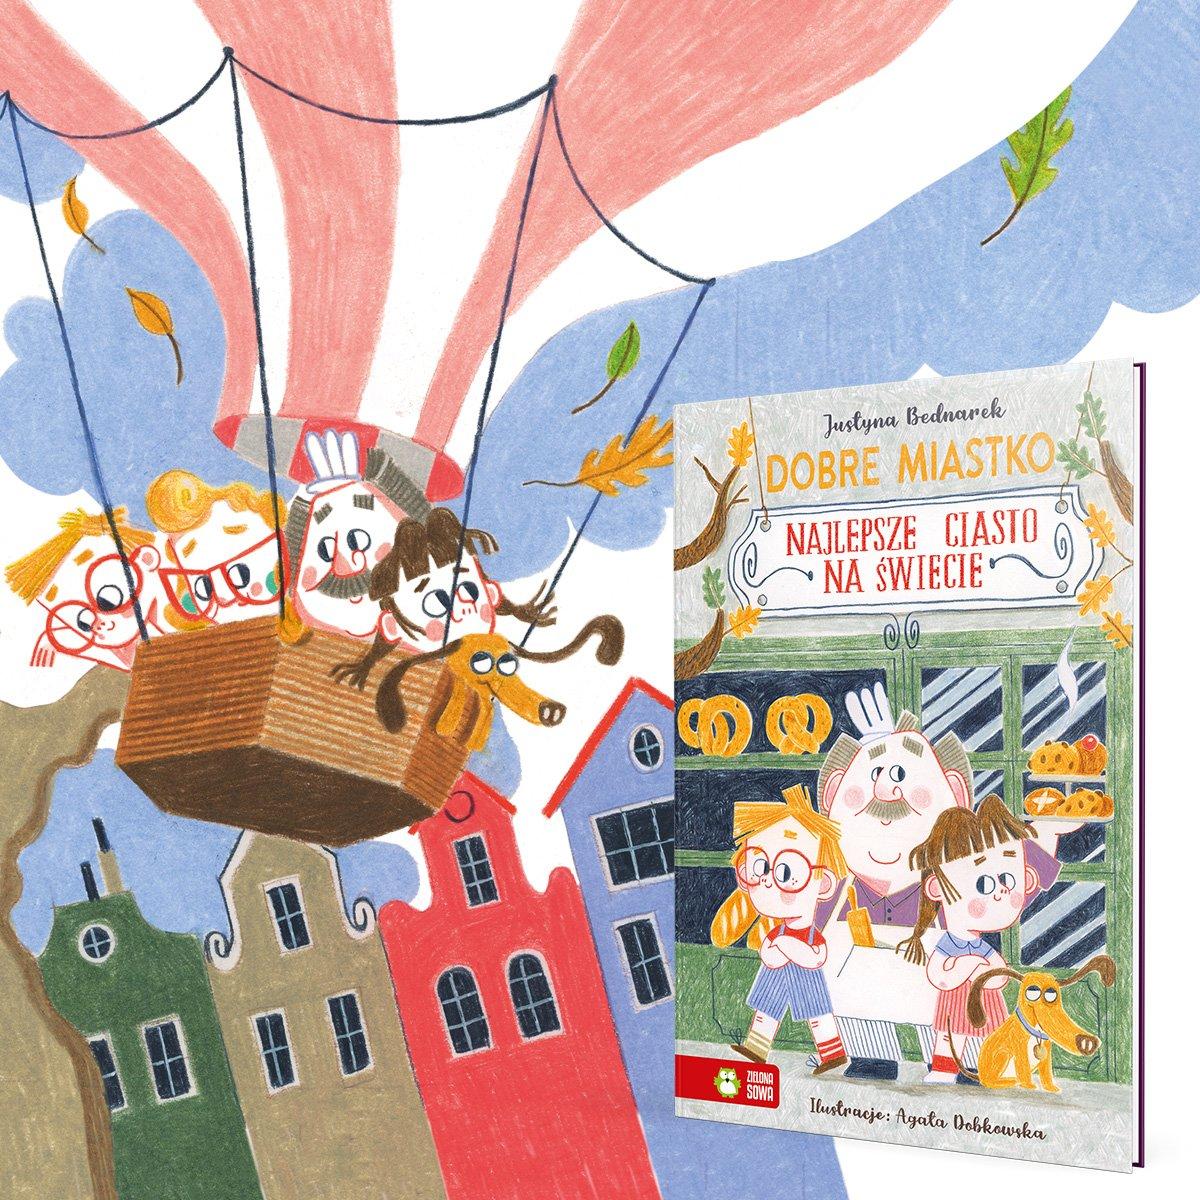 Dobre Miastko. Najlepsze ciasto na świecie - książka dla dzieci